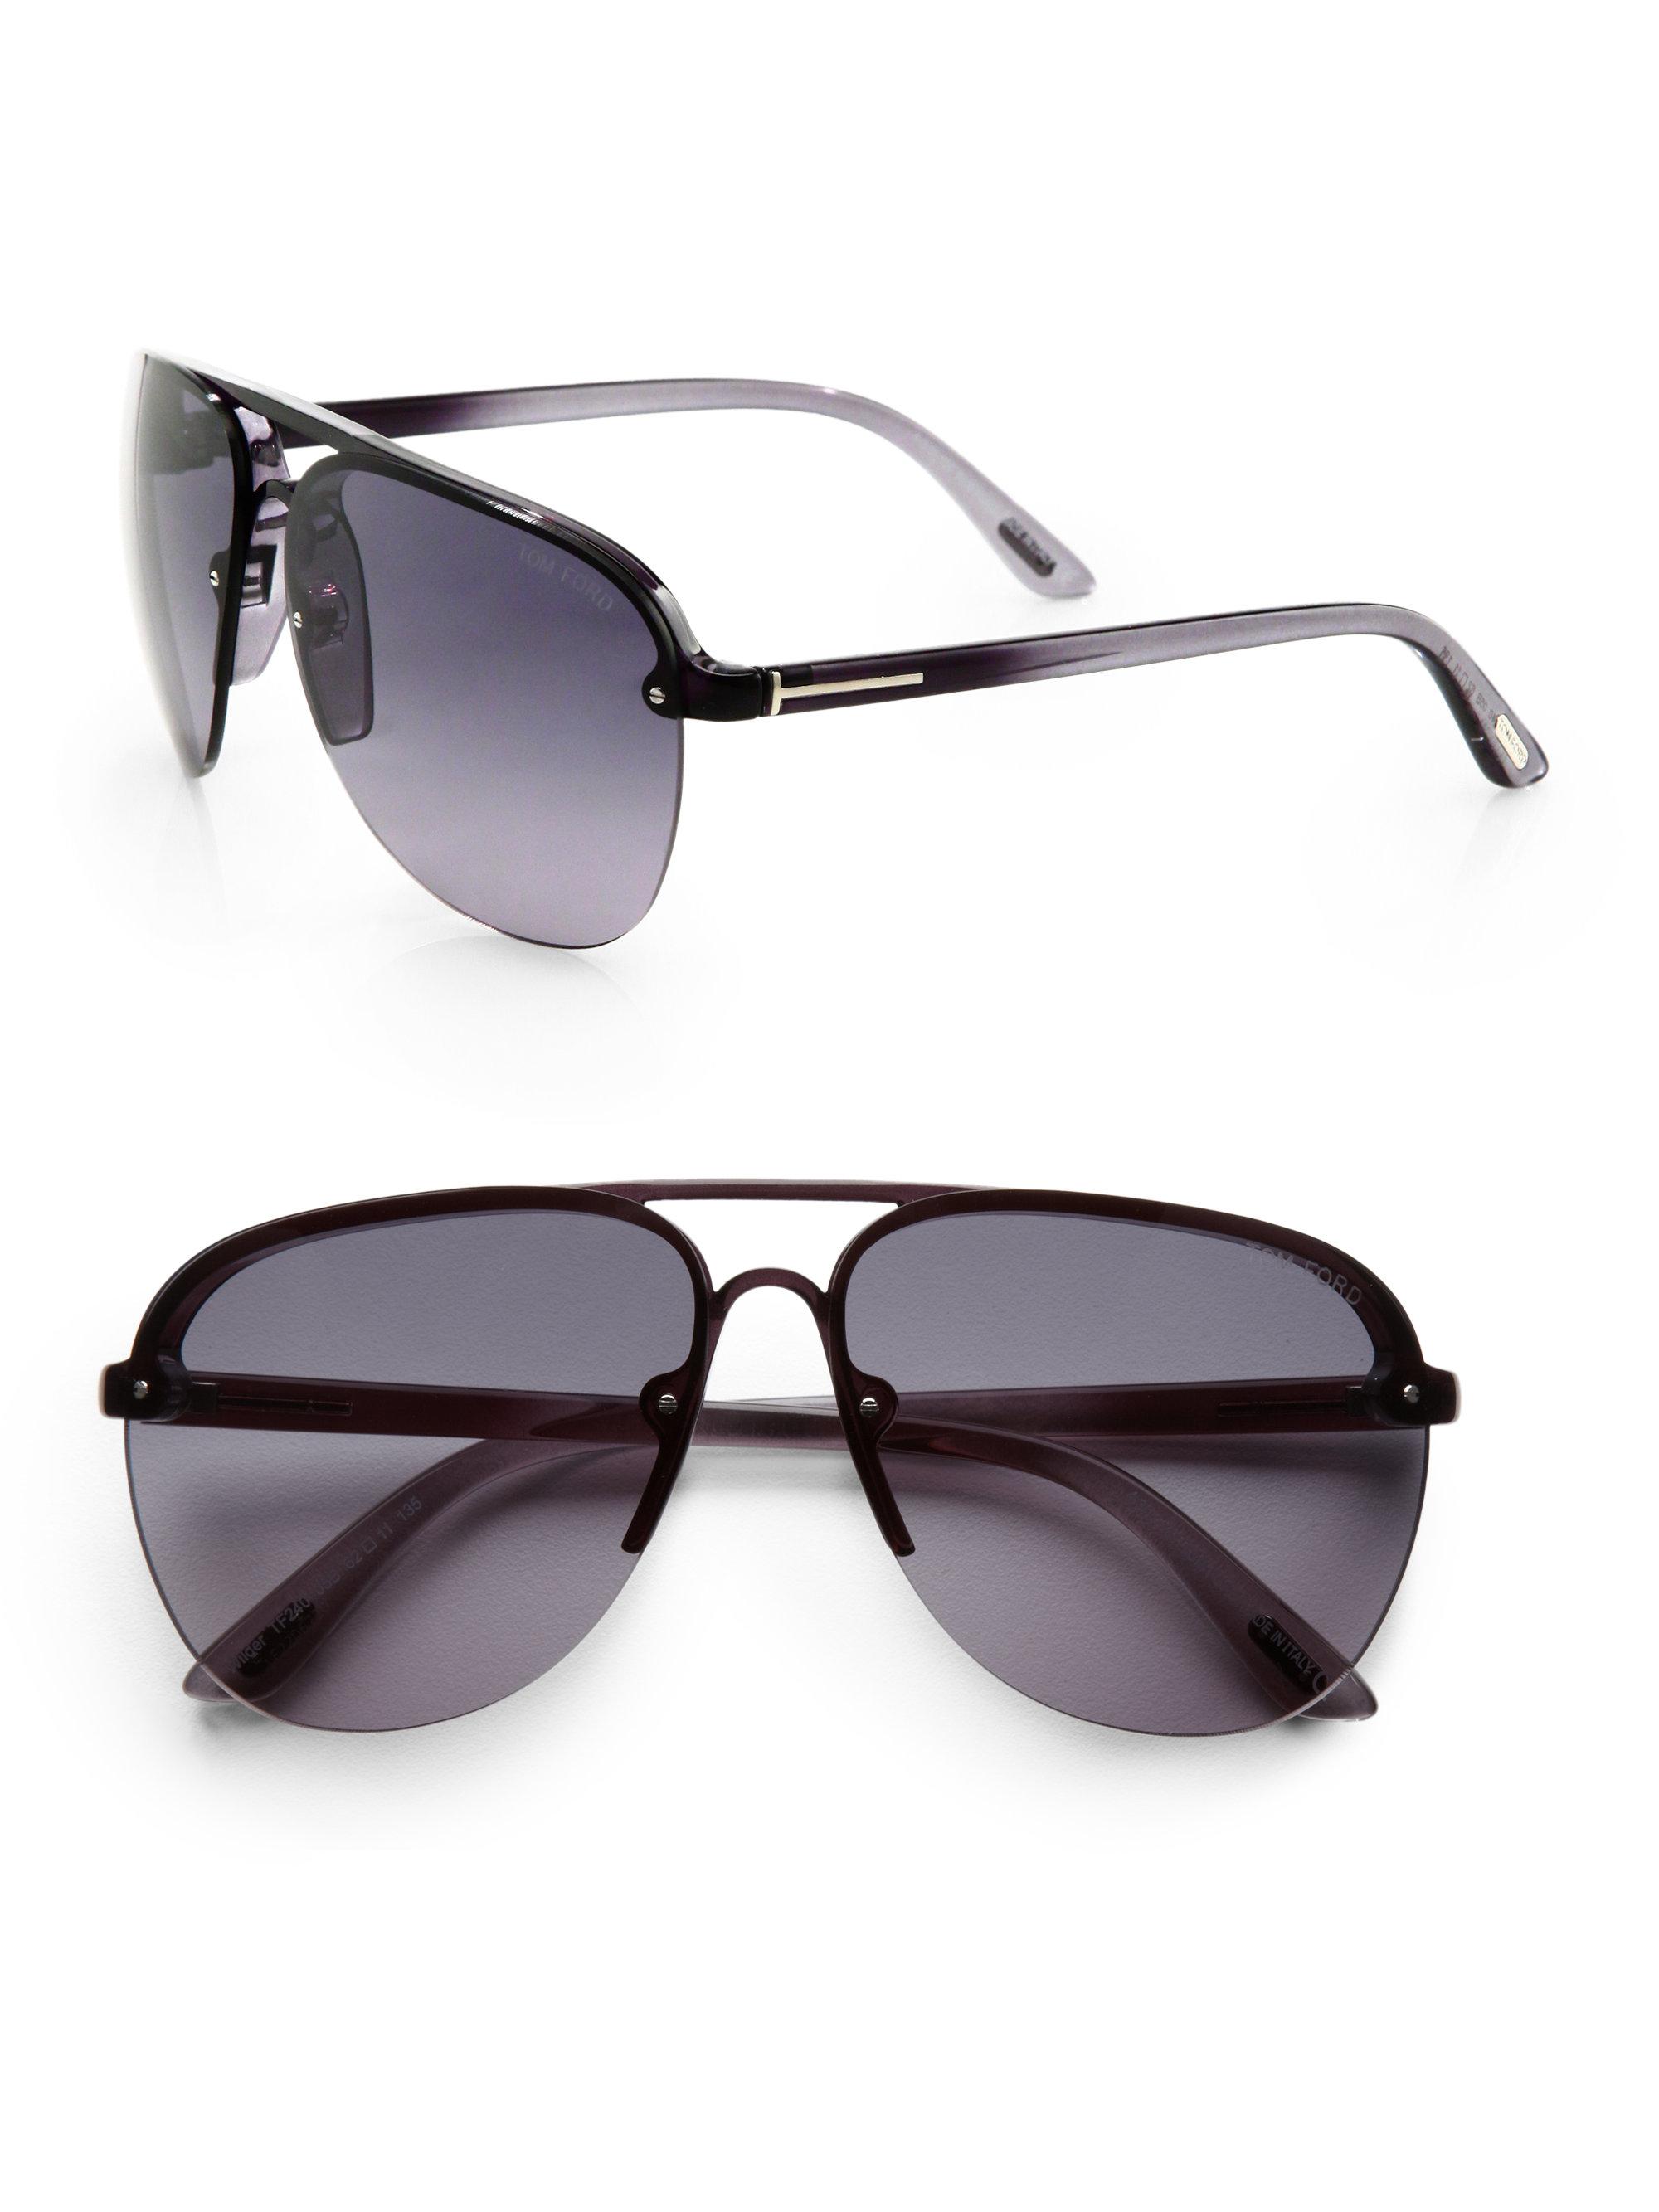 248b81201 Tom Ford Wilder Aviator Sunglasses in Black for Men - Lyst